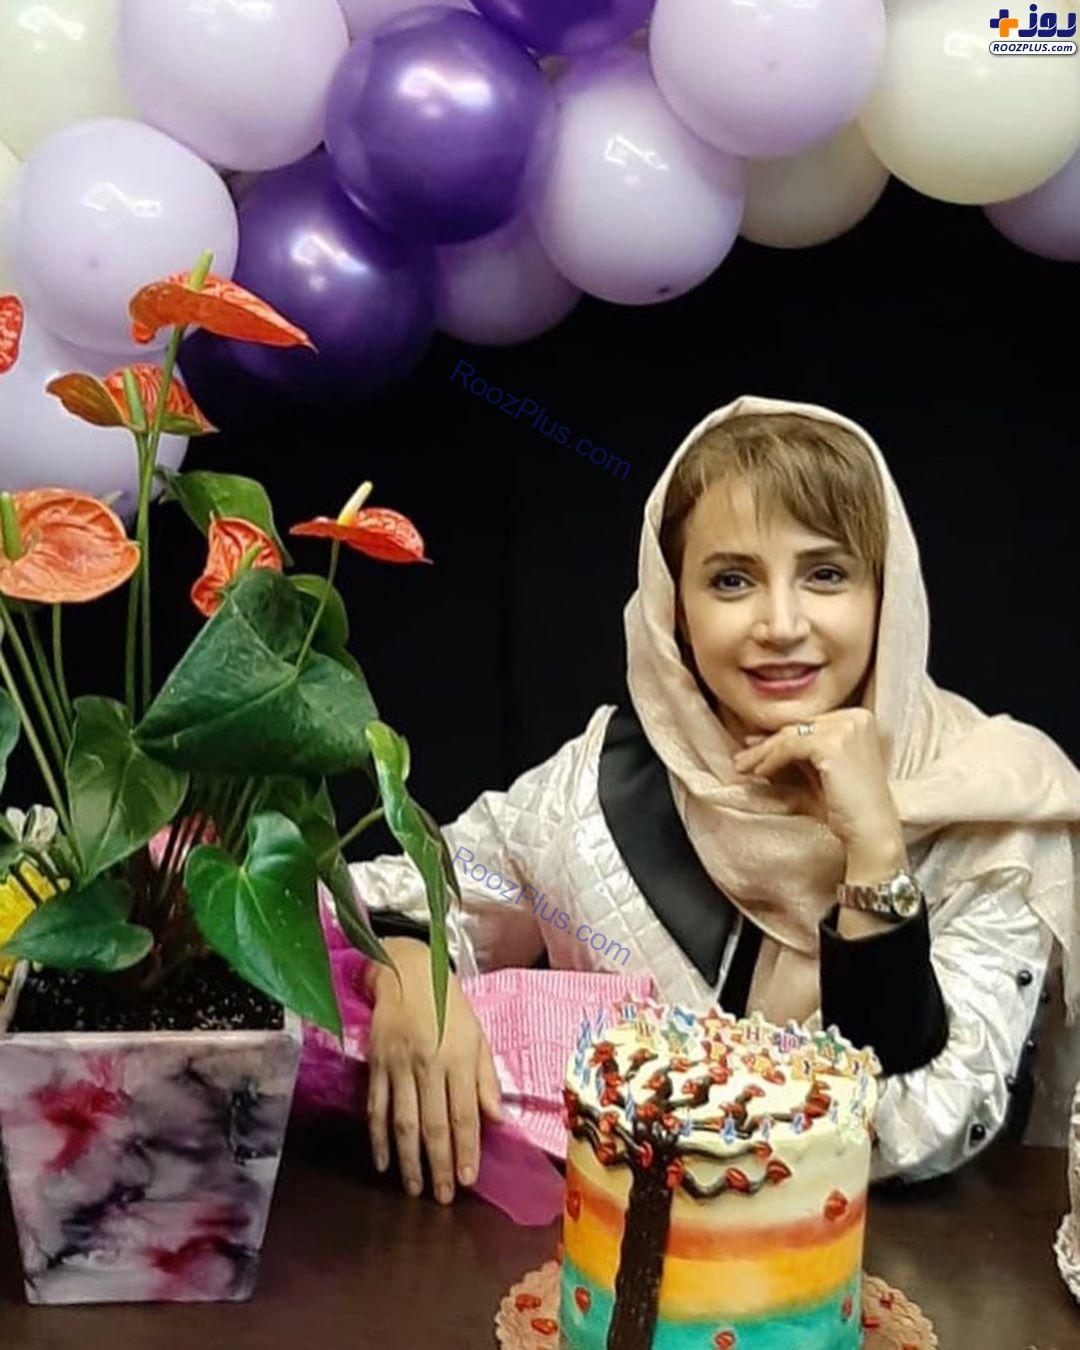 شبنم قلیخانی و کیک تولدش +عکس